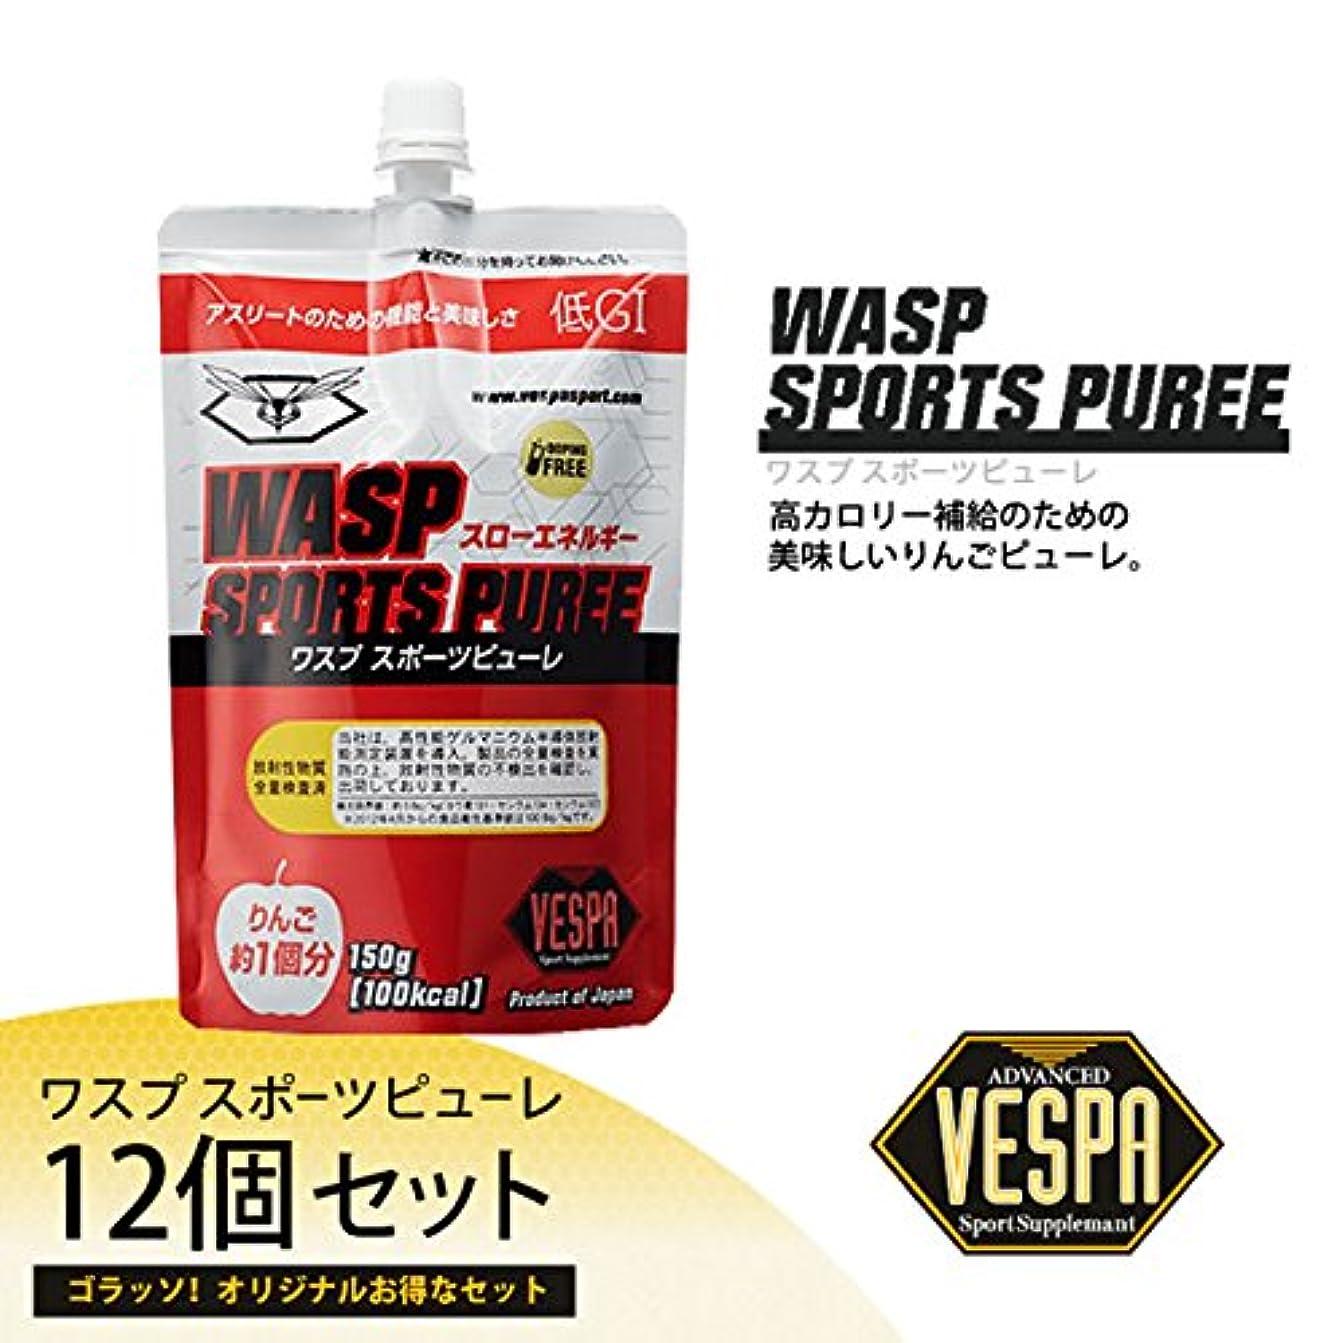 クリア無し偏心VESPA(べスパ) WASP SPORTS PUREE(ワスプ スポーツピューレ) 150ml ×12個